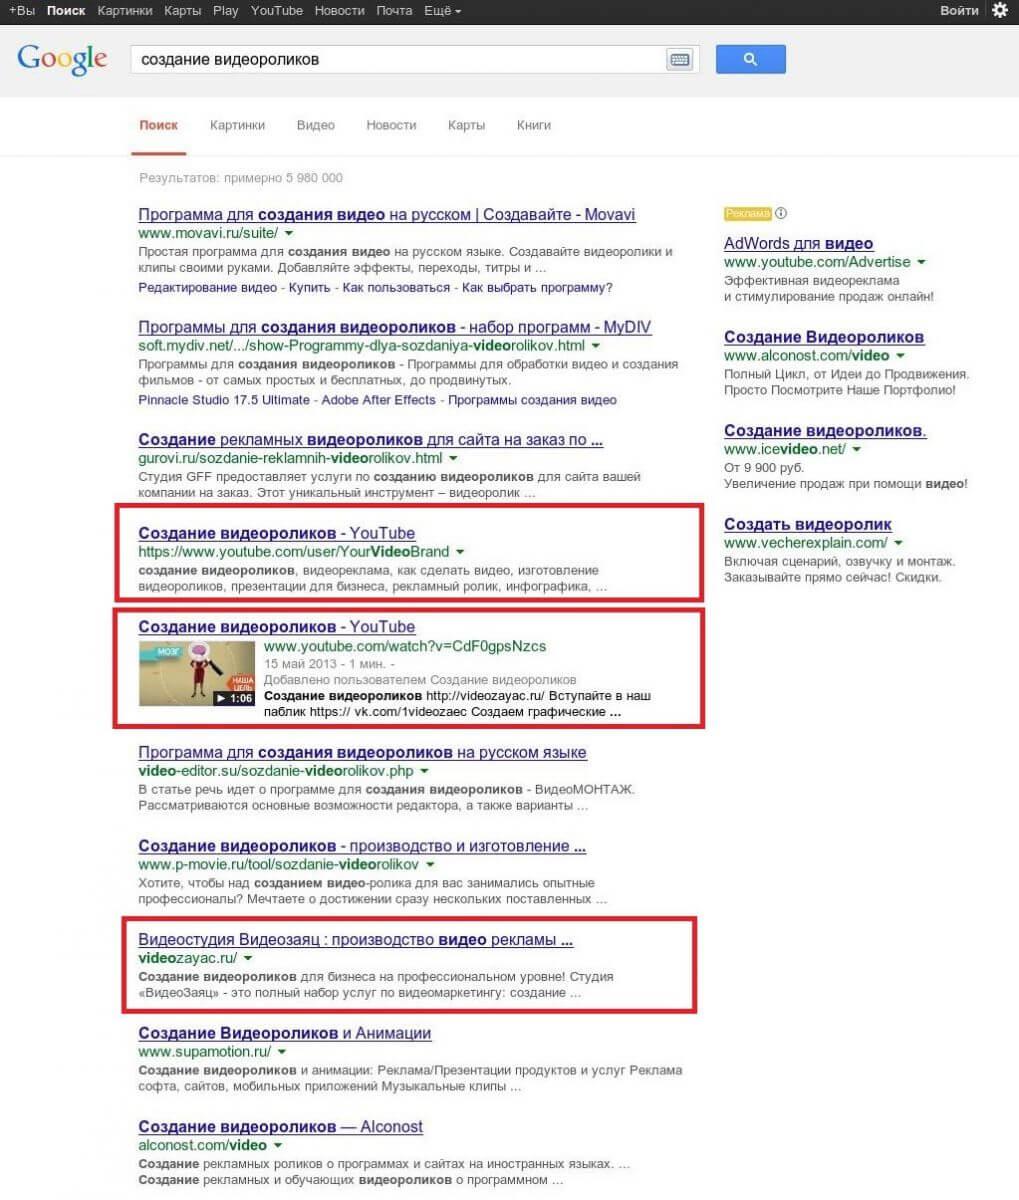 скриншот страницы поиска с поисковым запросом - создание видеороликов